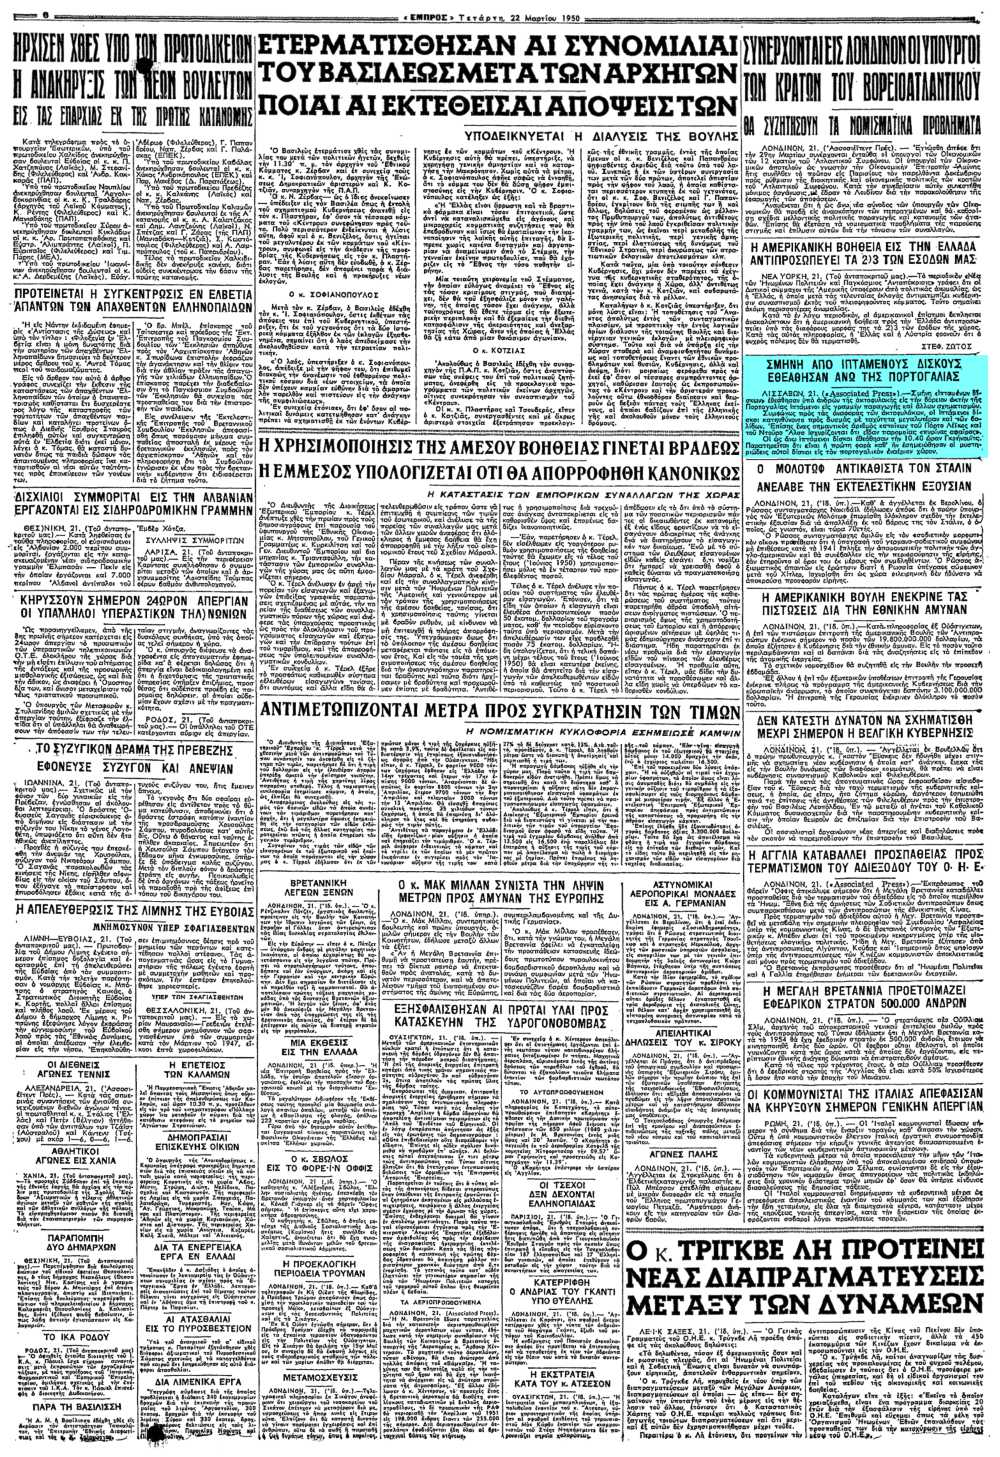 """Το άρθρο, όπως δημοσιεύθηκε στην εφημερίδα """"ΕΜΠΡΟΣ"""", στις 22/03/1950"""